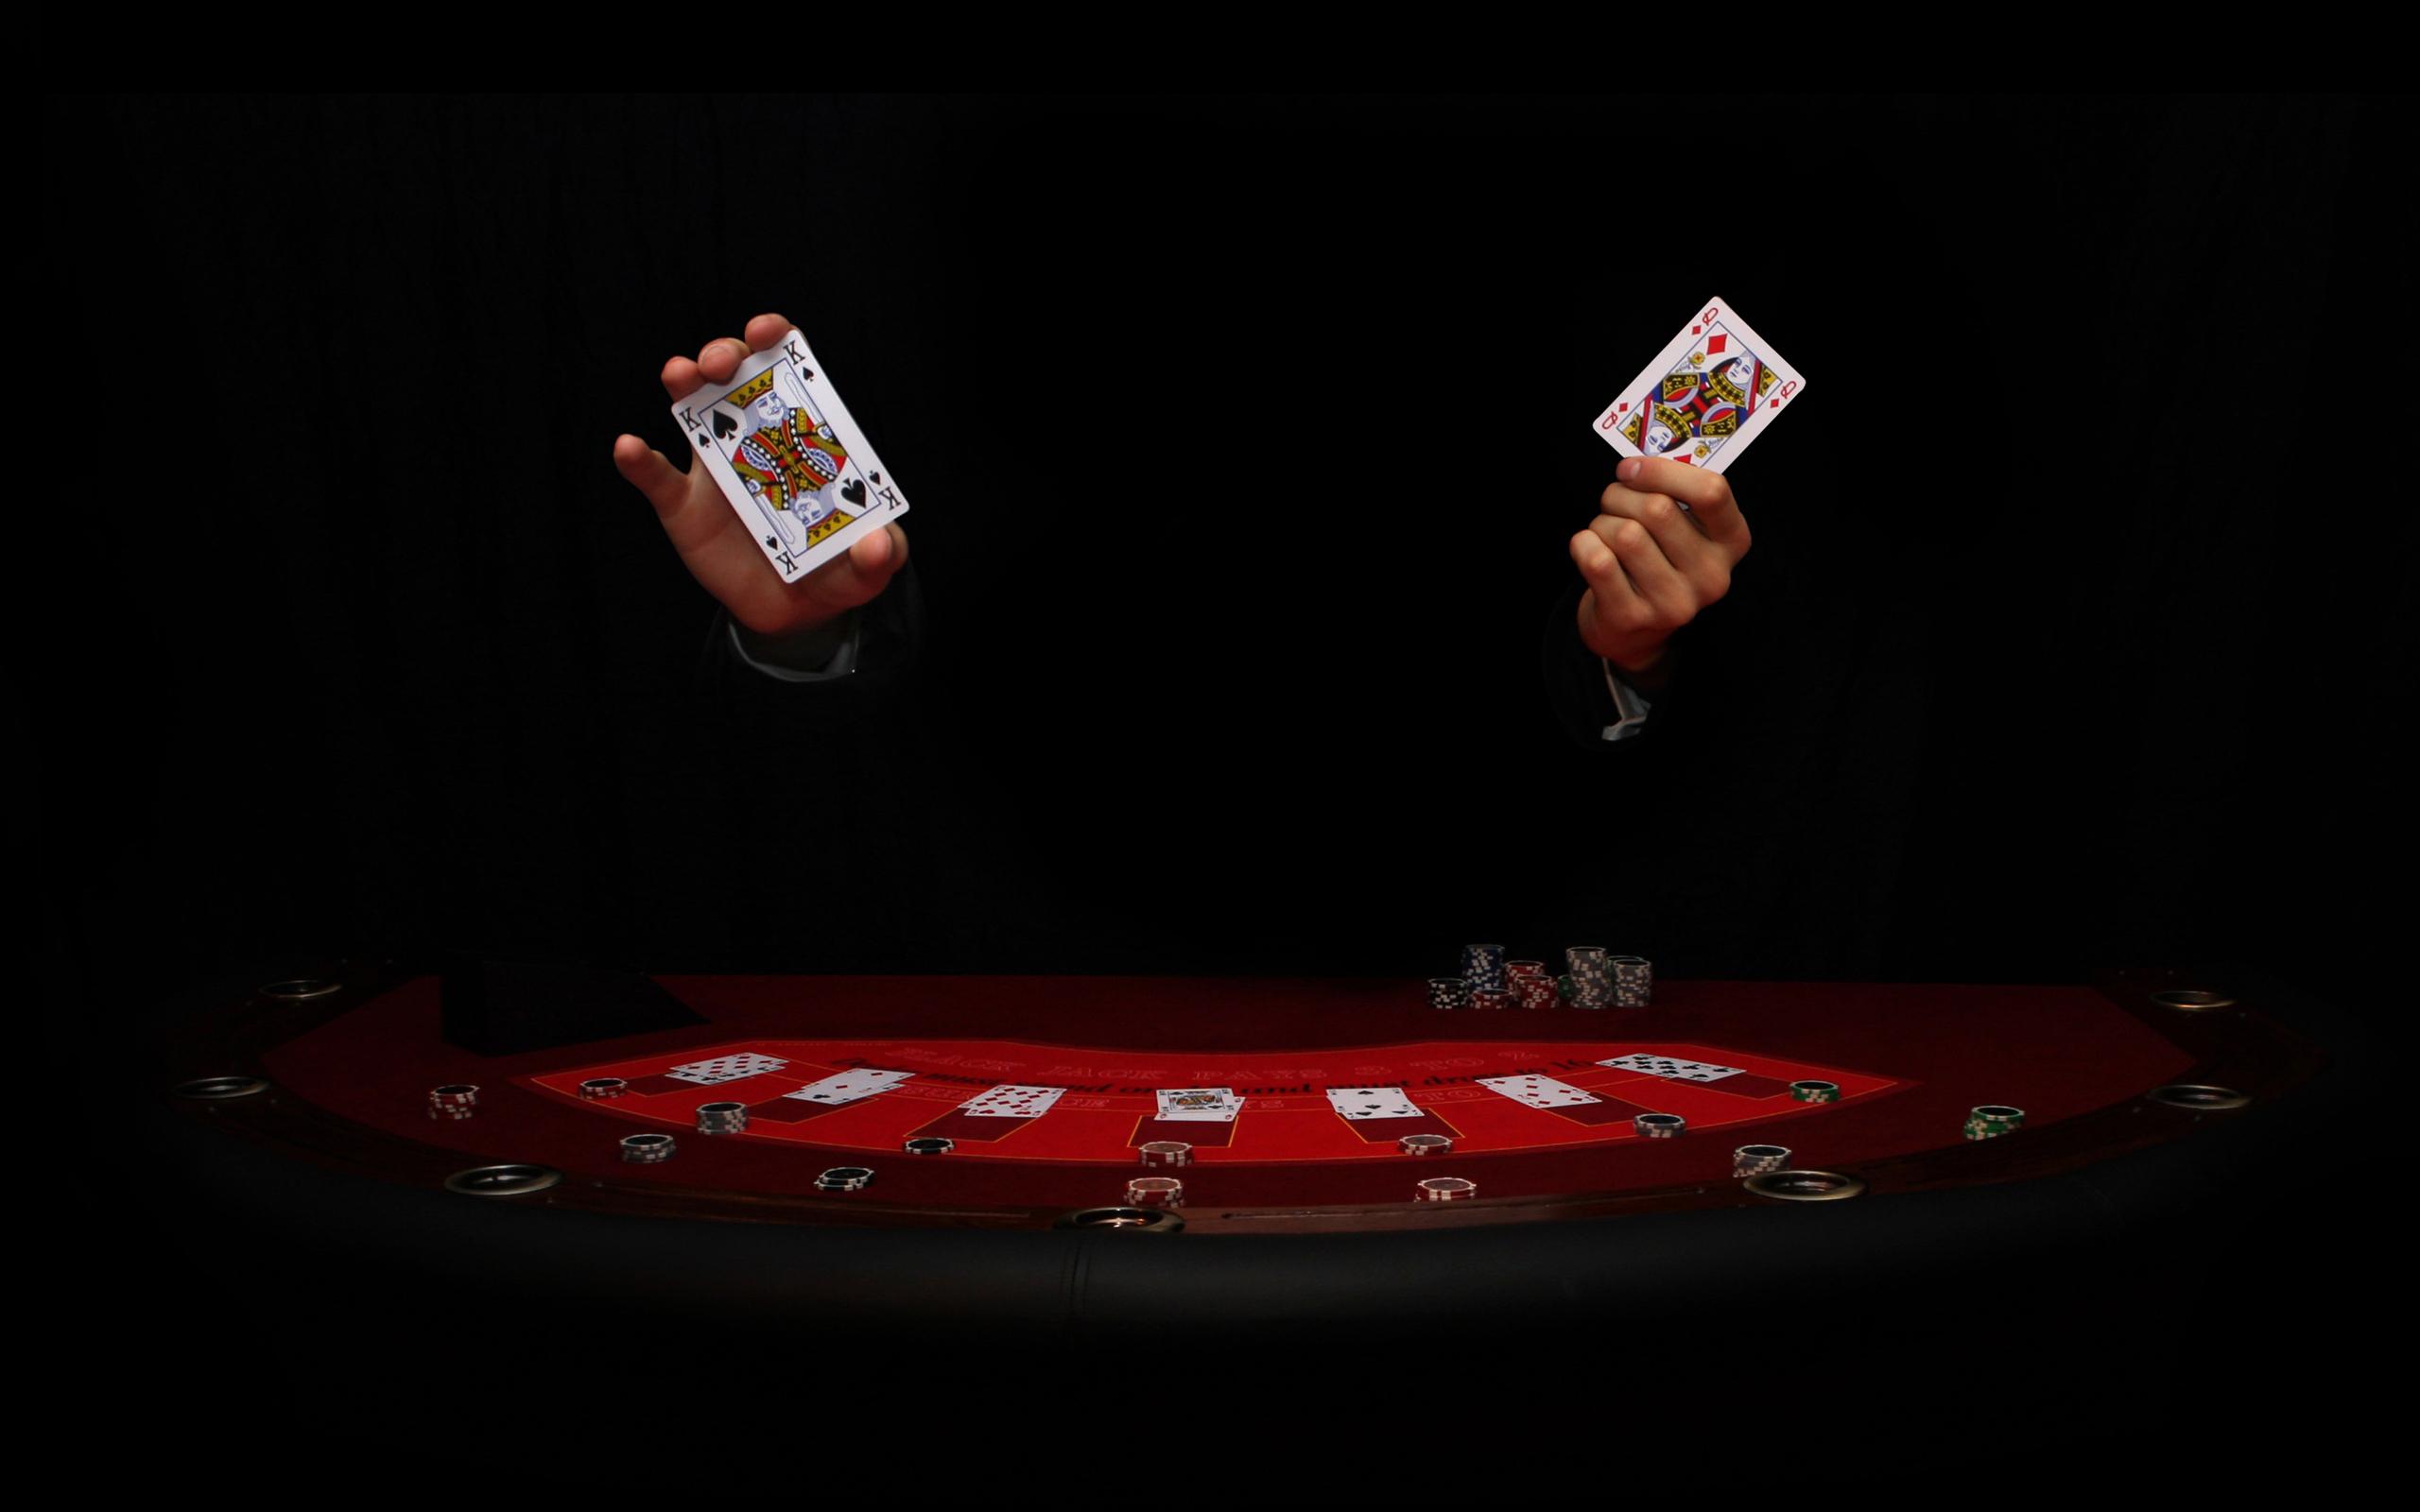 Играть в игру казино без денег играть игровые автоматы онлайн бесплатно сейчас